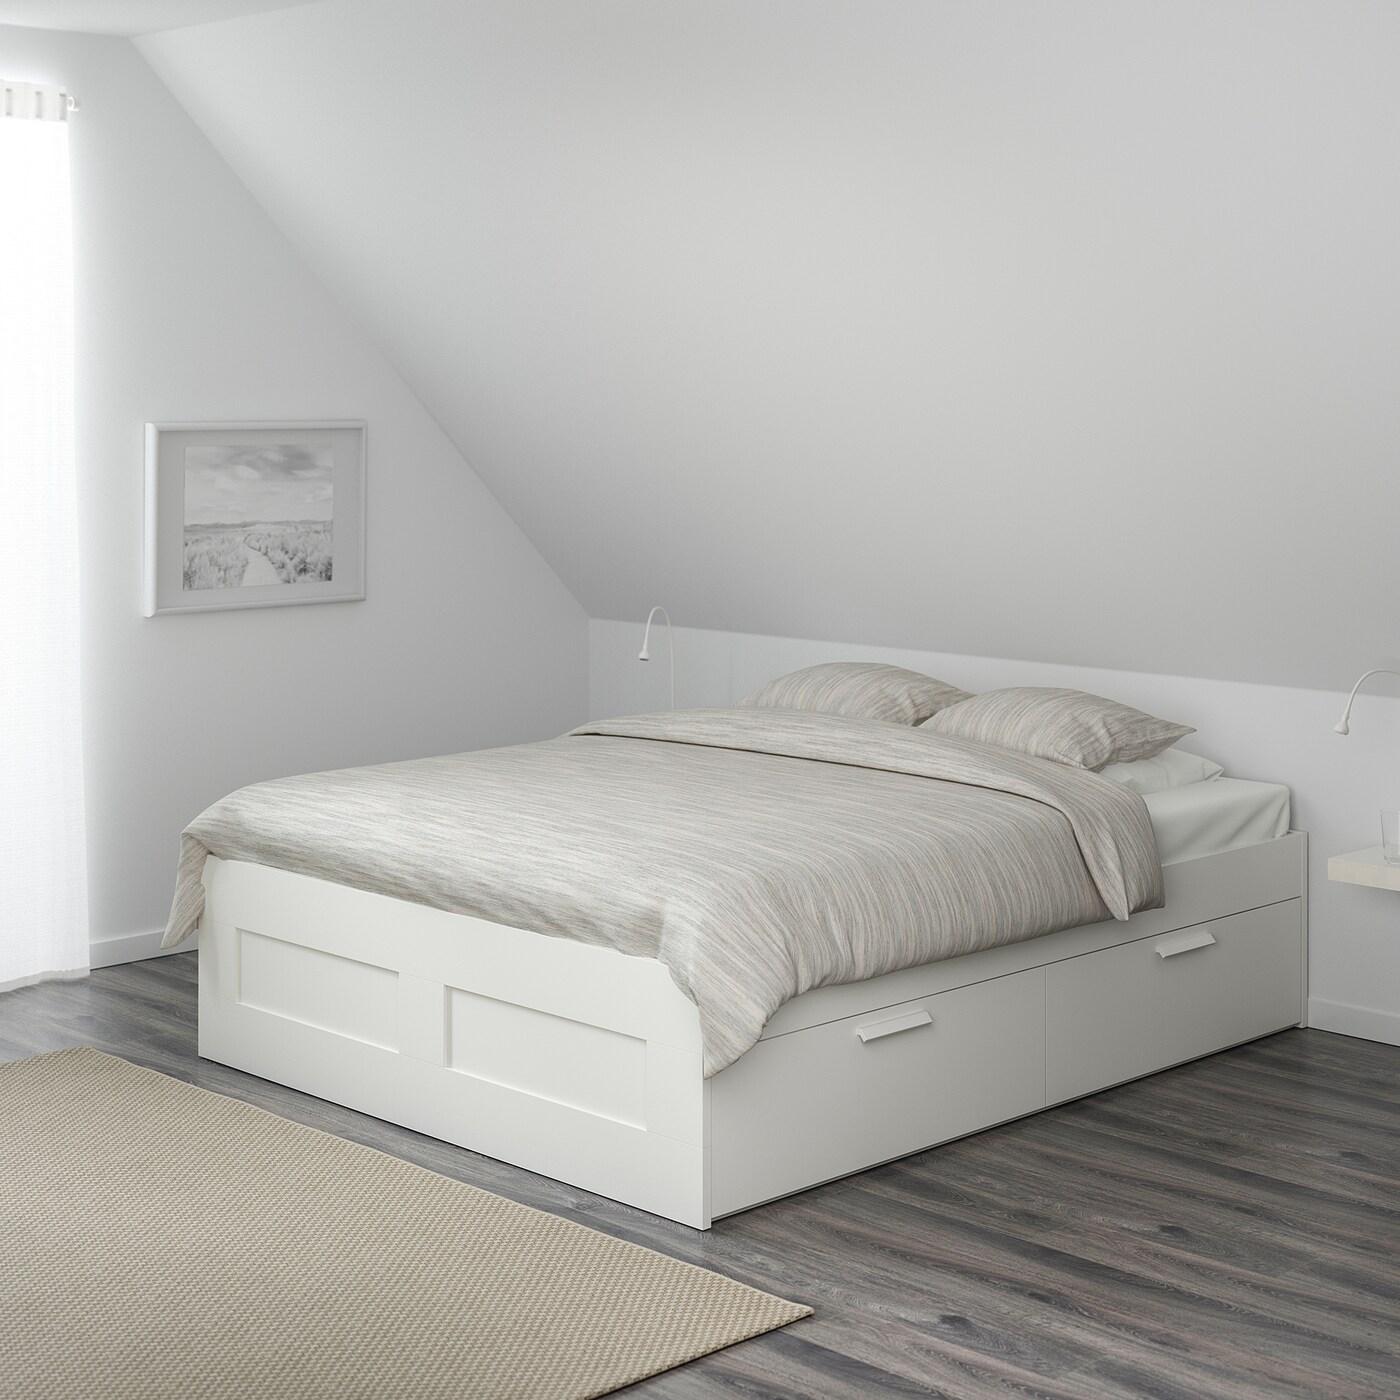 Full Size of Bett 160x200 Mit Lattenrost Brimnes Bettgestell Schubladen Wei Ikea Schweiz Stauraum 1 40x2 00 Betten Matratze Und 140x200 Französische Meise Keilkissen Bett Bett 160x200 Mit Lattenrost